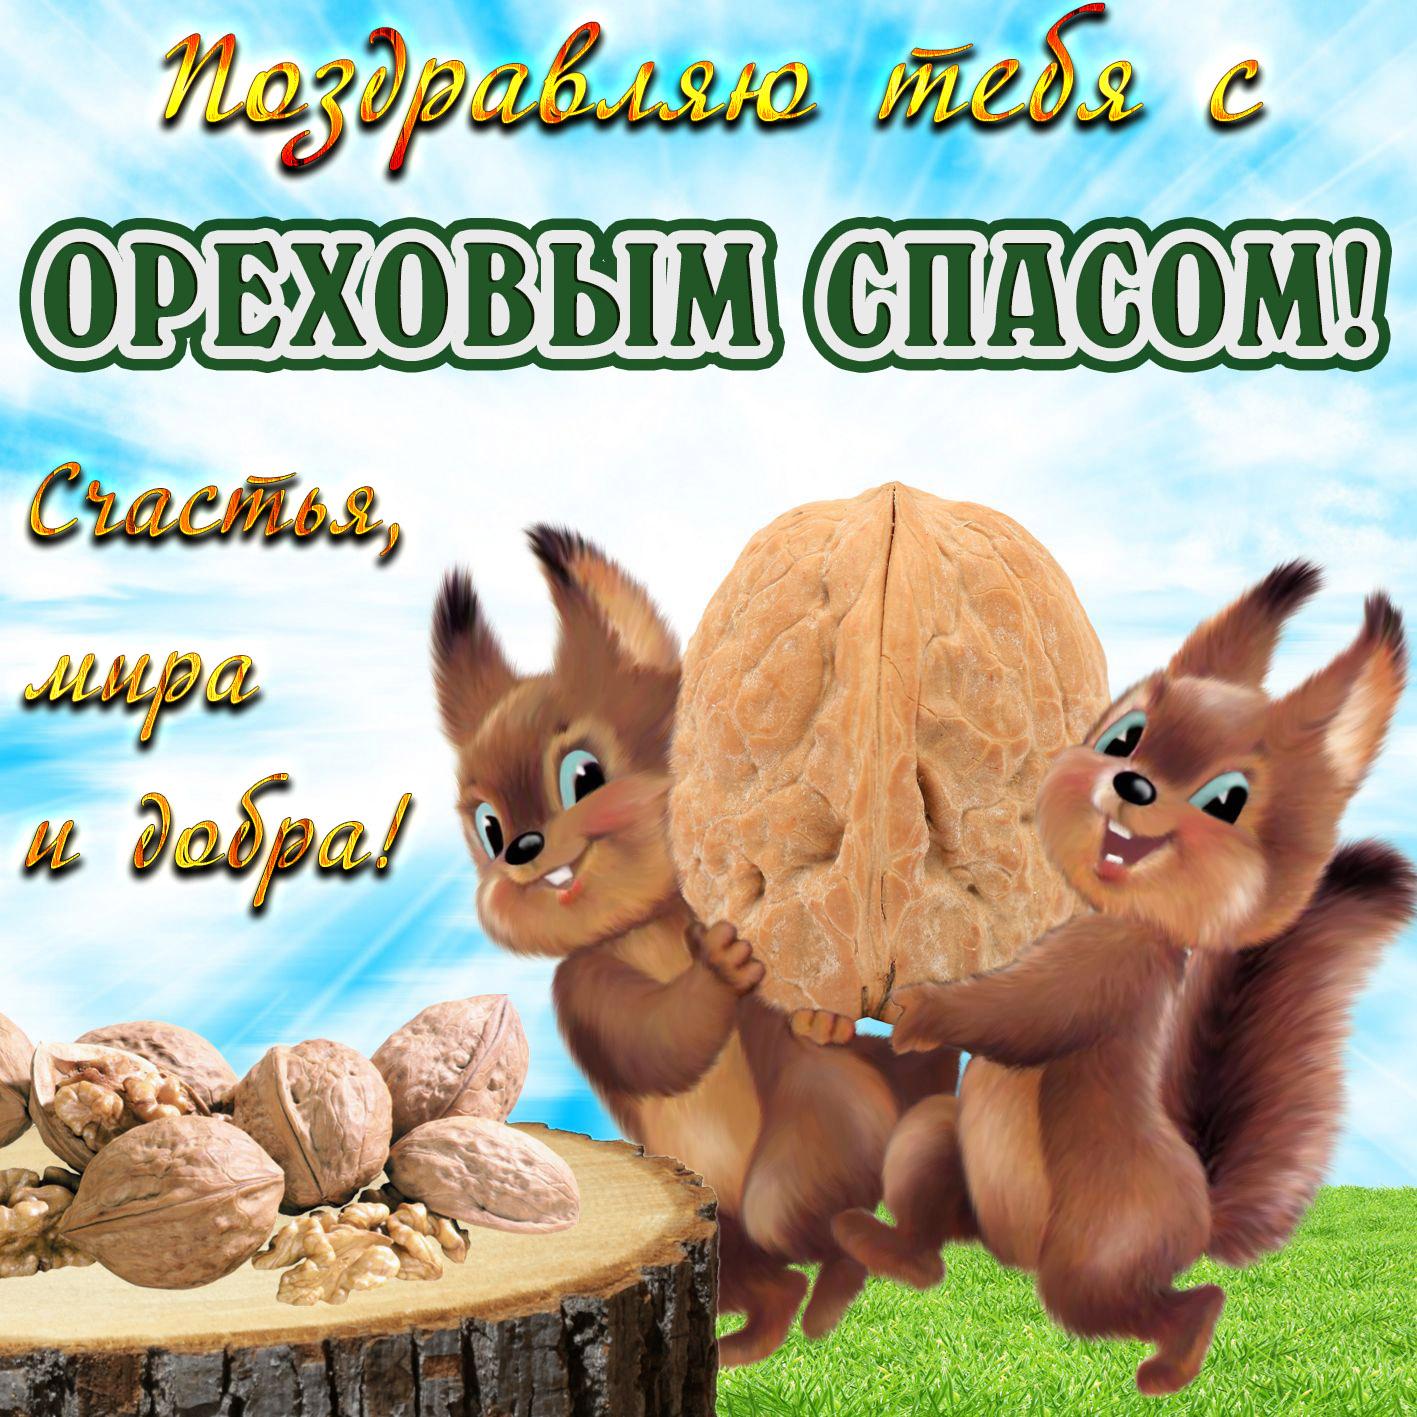 Поздравление с ореховым спасом в открытках